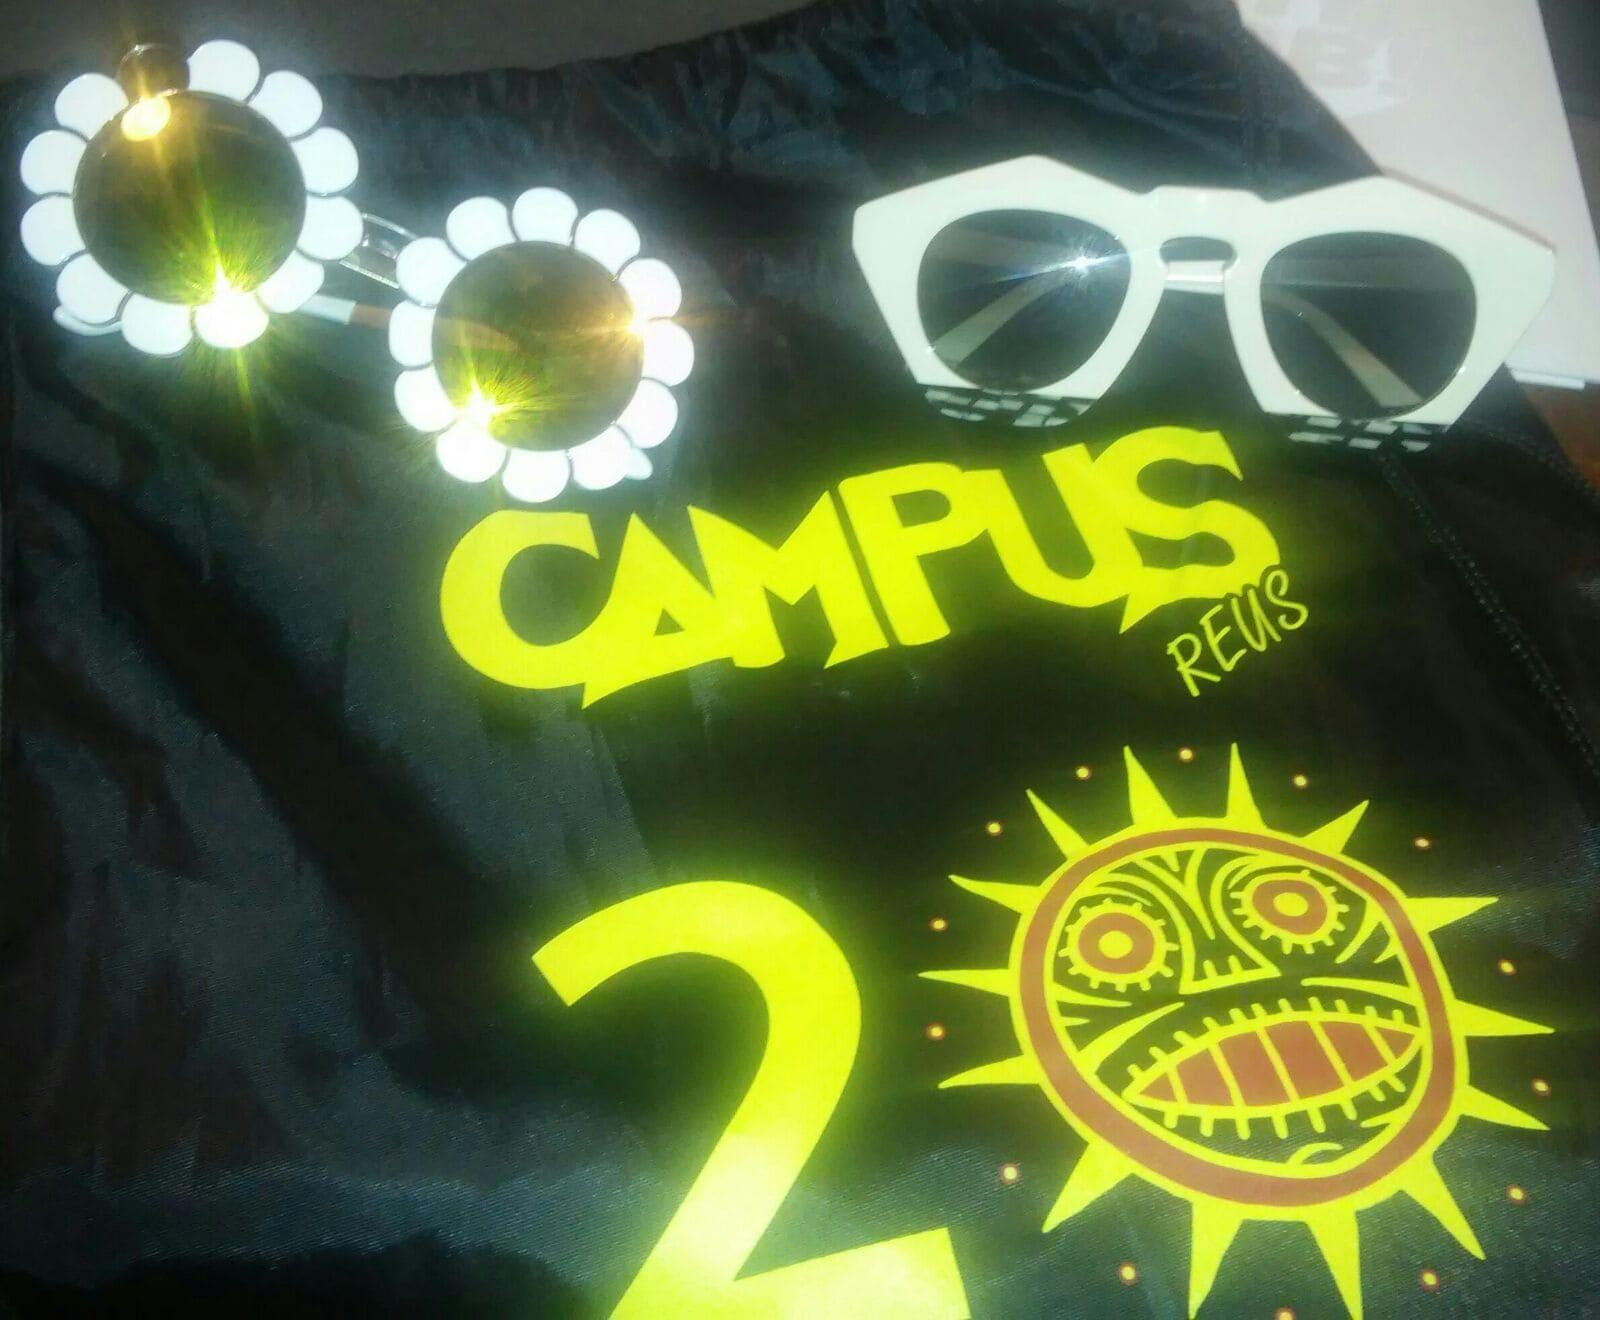 20 anys de Campus